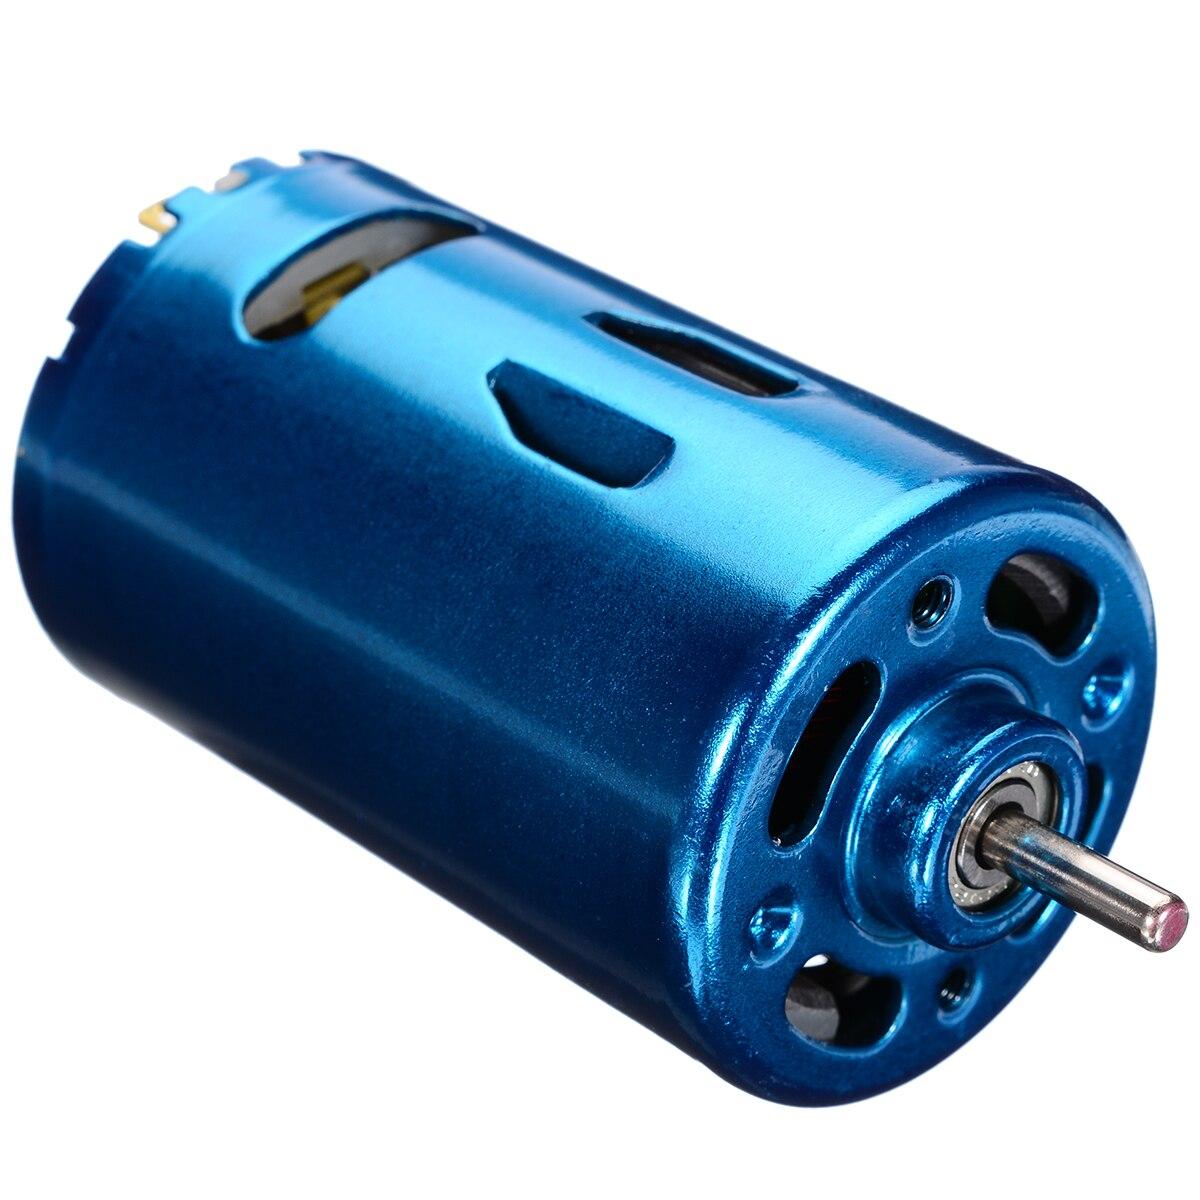 1pc azul RS-550 dc motor de alta velocidade grande torque rc carro barco modelo 12 v 24 v 30000 rpm